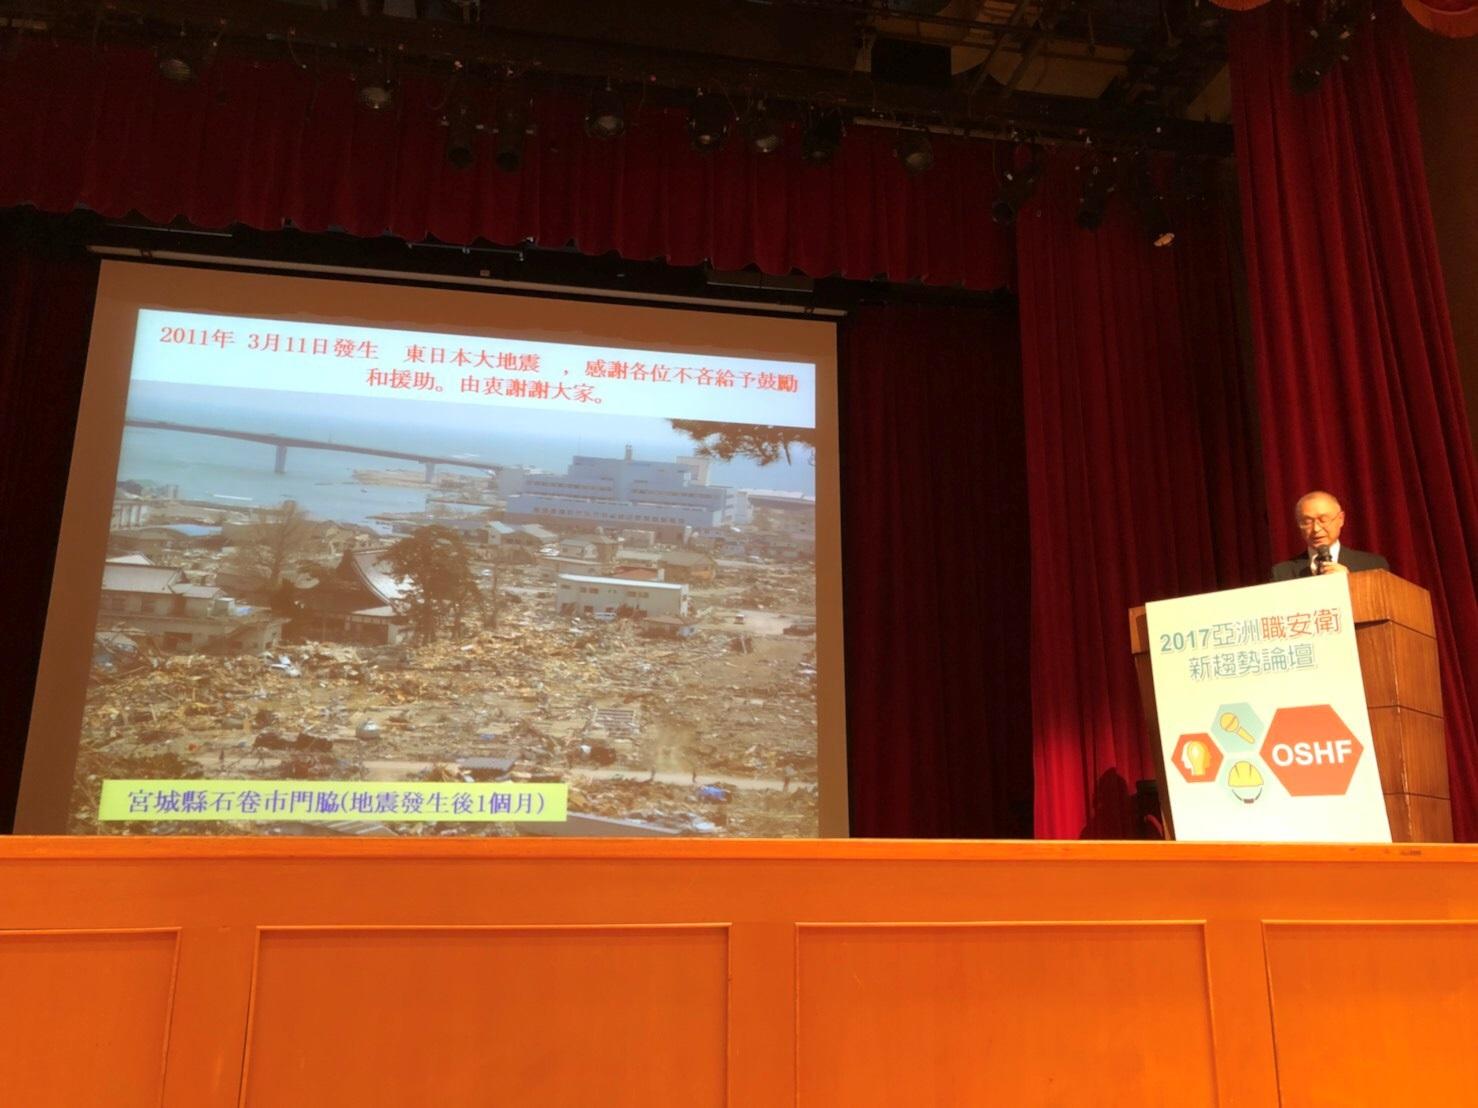 伊川廣司安全管理士於演講中特別感謝日本311大地震時,臺灣的協助